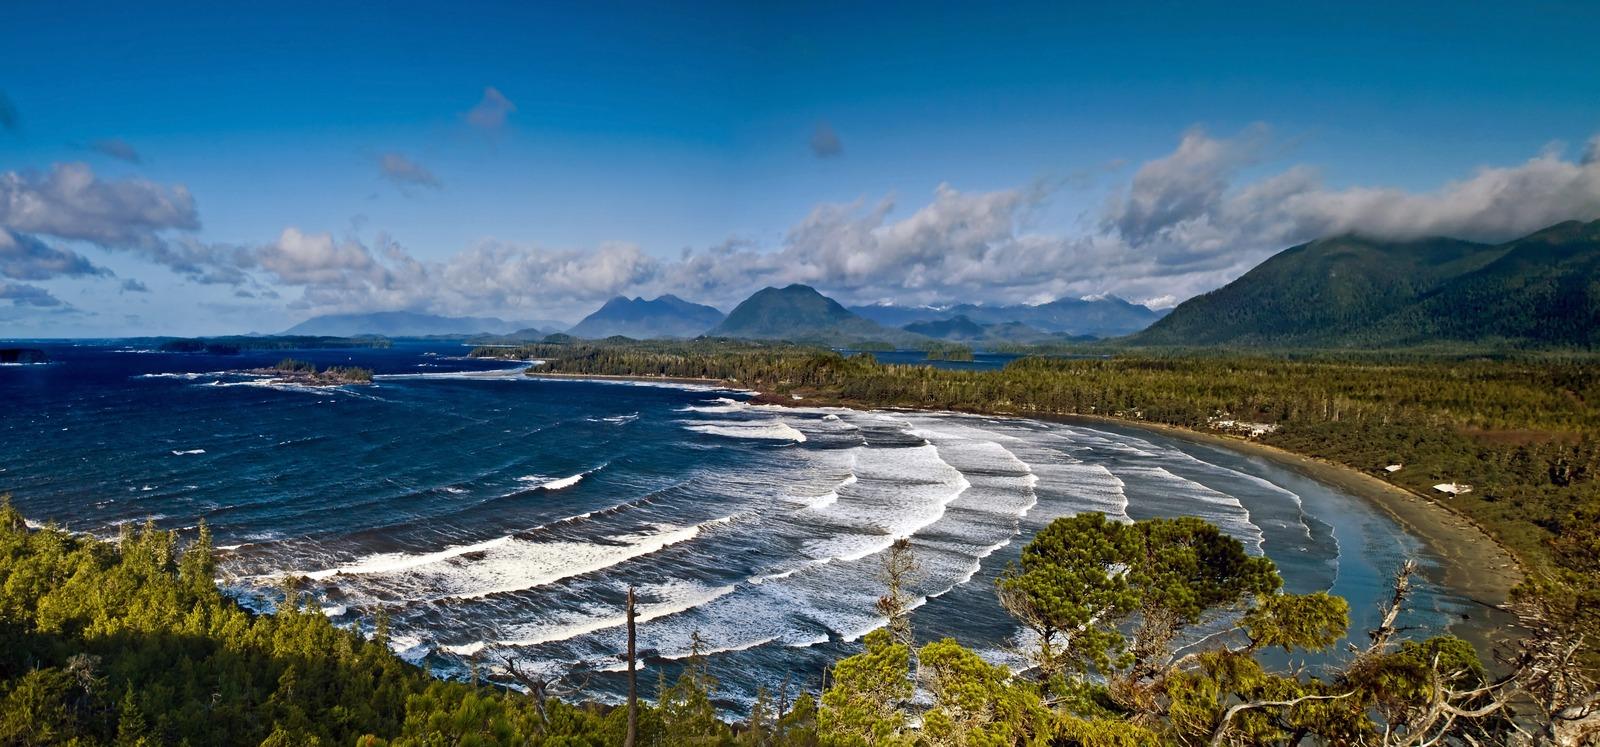 красив, путешествие остров ванкувер фотографии детях